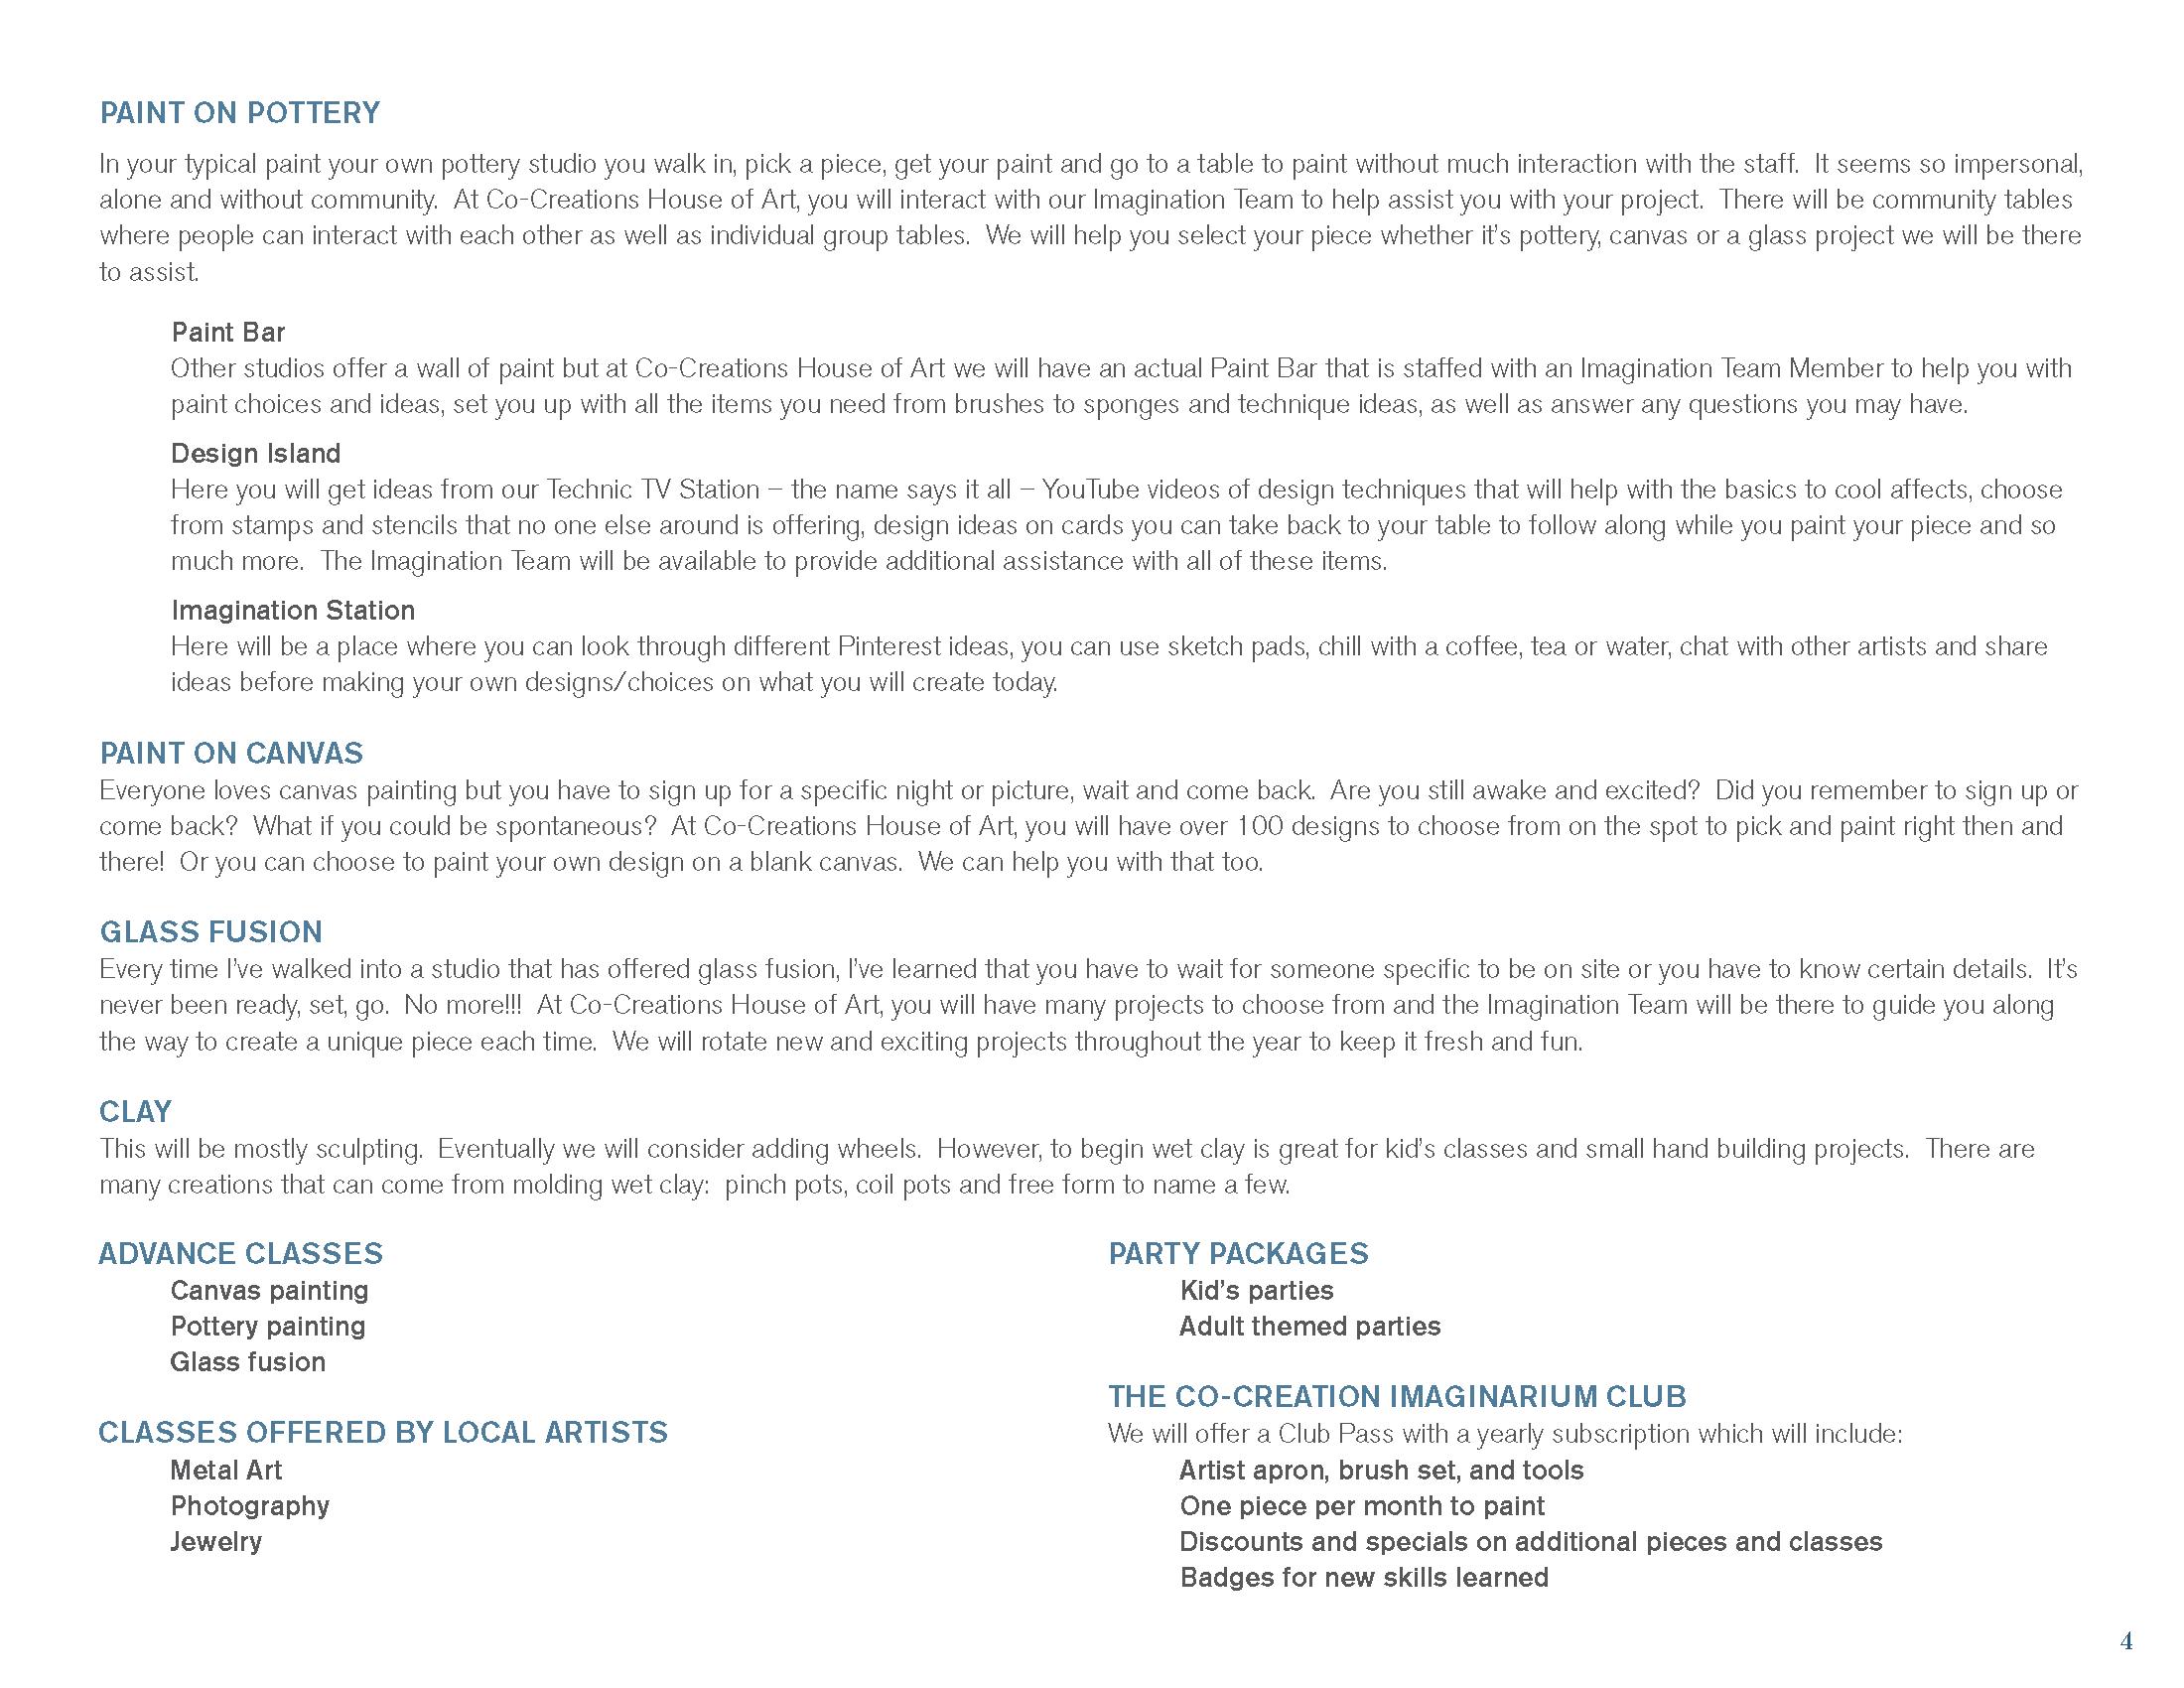 JR_Business Plan_v3_Page_04.png